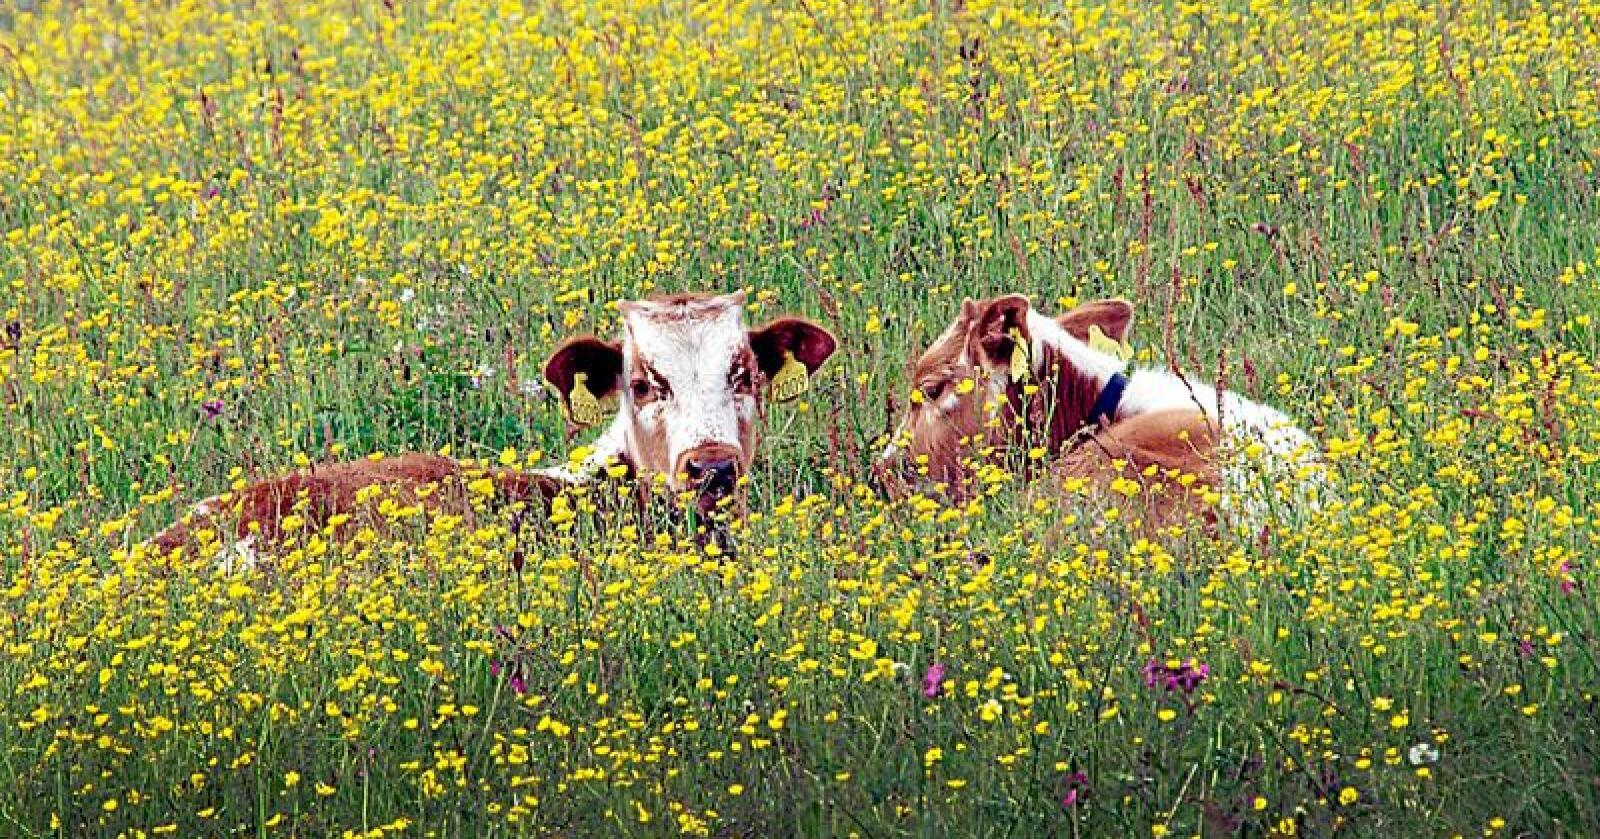 Landbruket har stor betydning for biologisk mangfold og forekomsten av insekter. Foto: Bård Bårdløkken